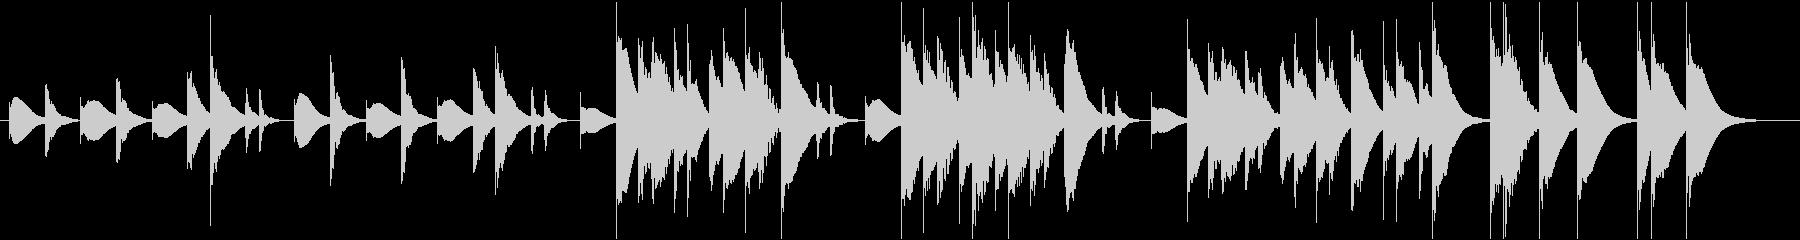 ほのぼのとしたマリンバショートVerの未再生の波形